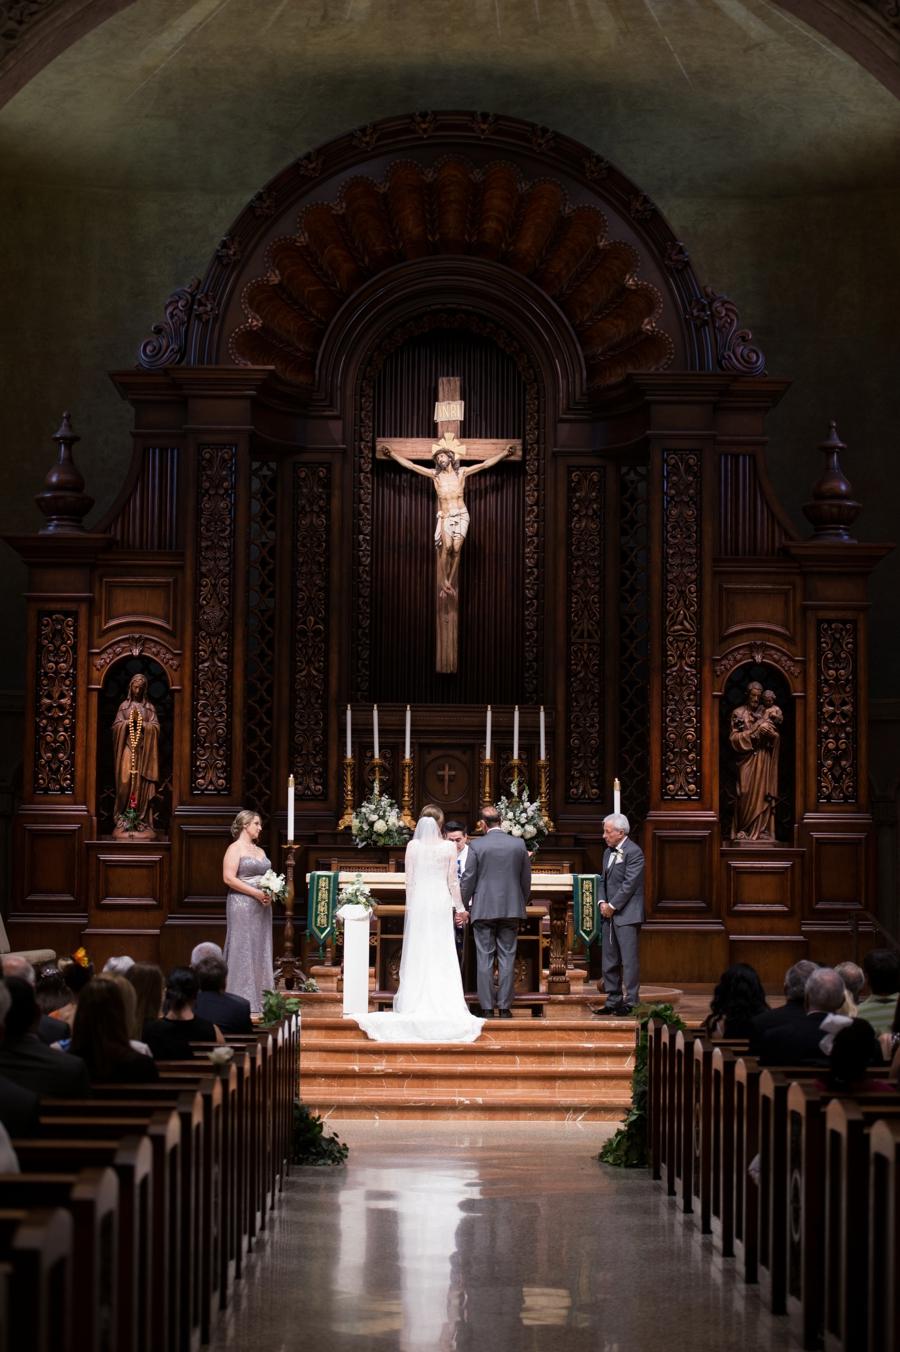 SoCal_Burbank_Hollywood_Wedding_JC_009.jpg